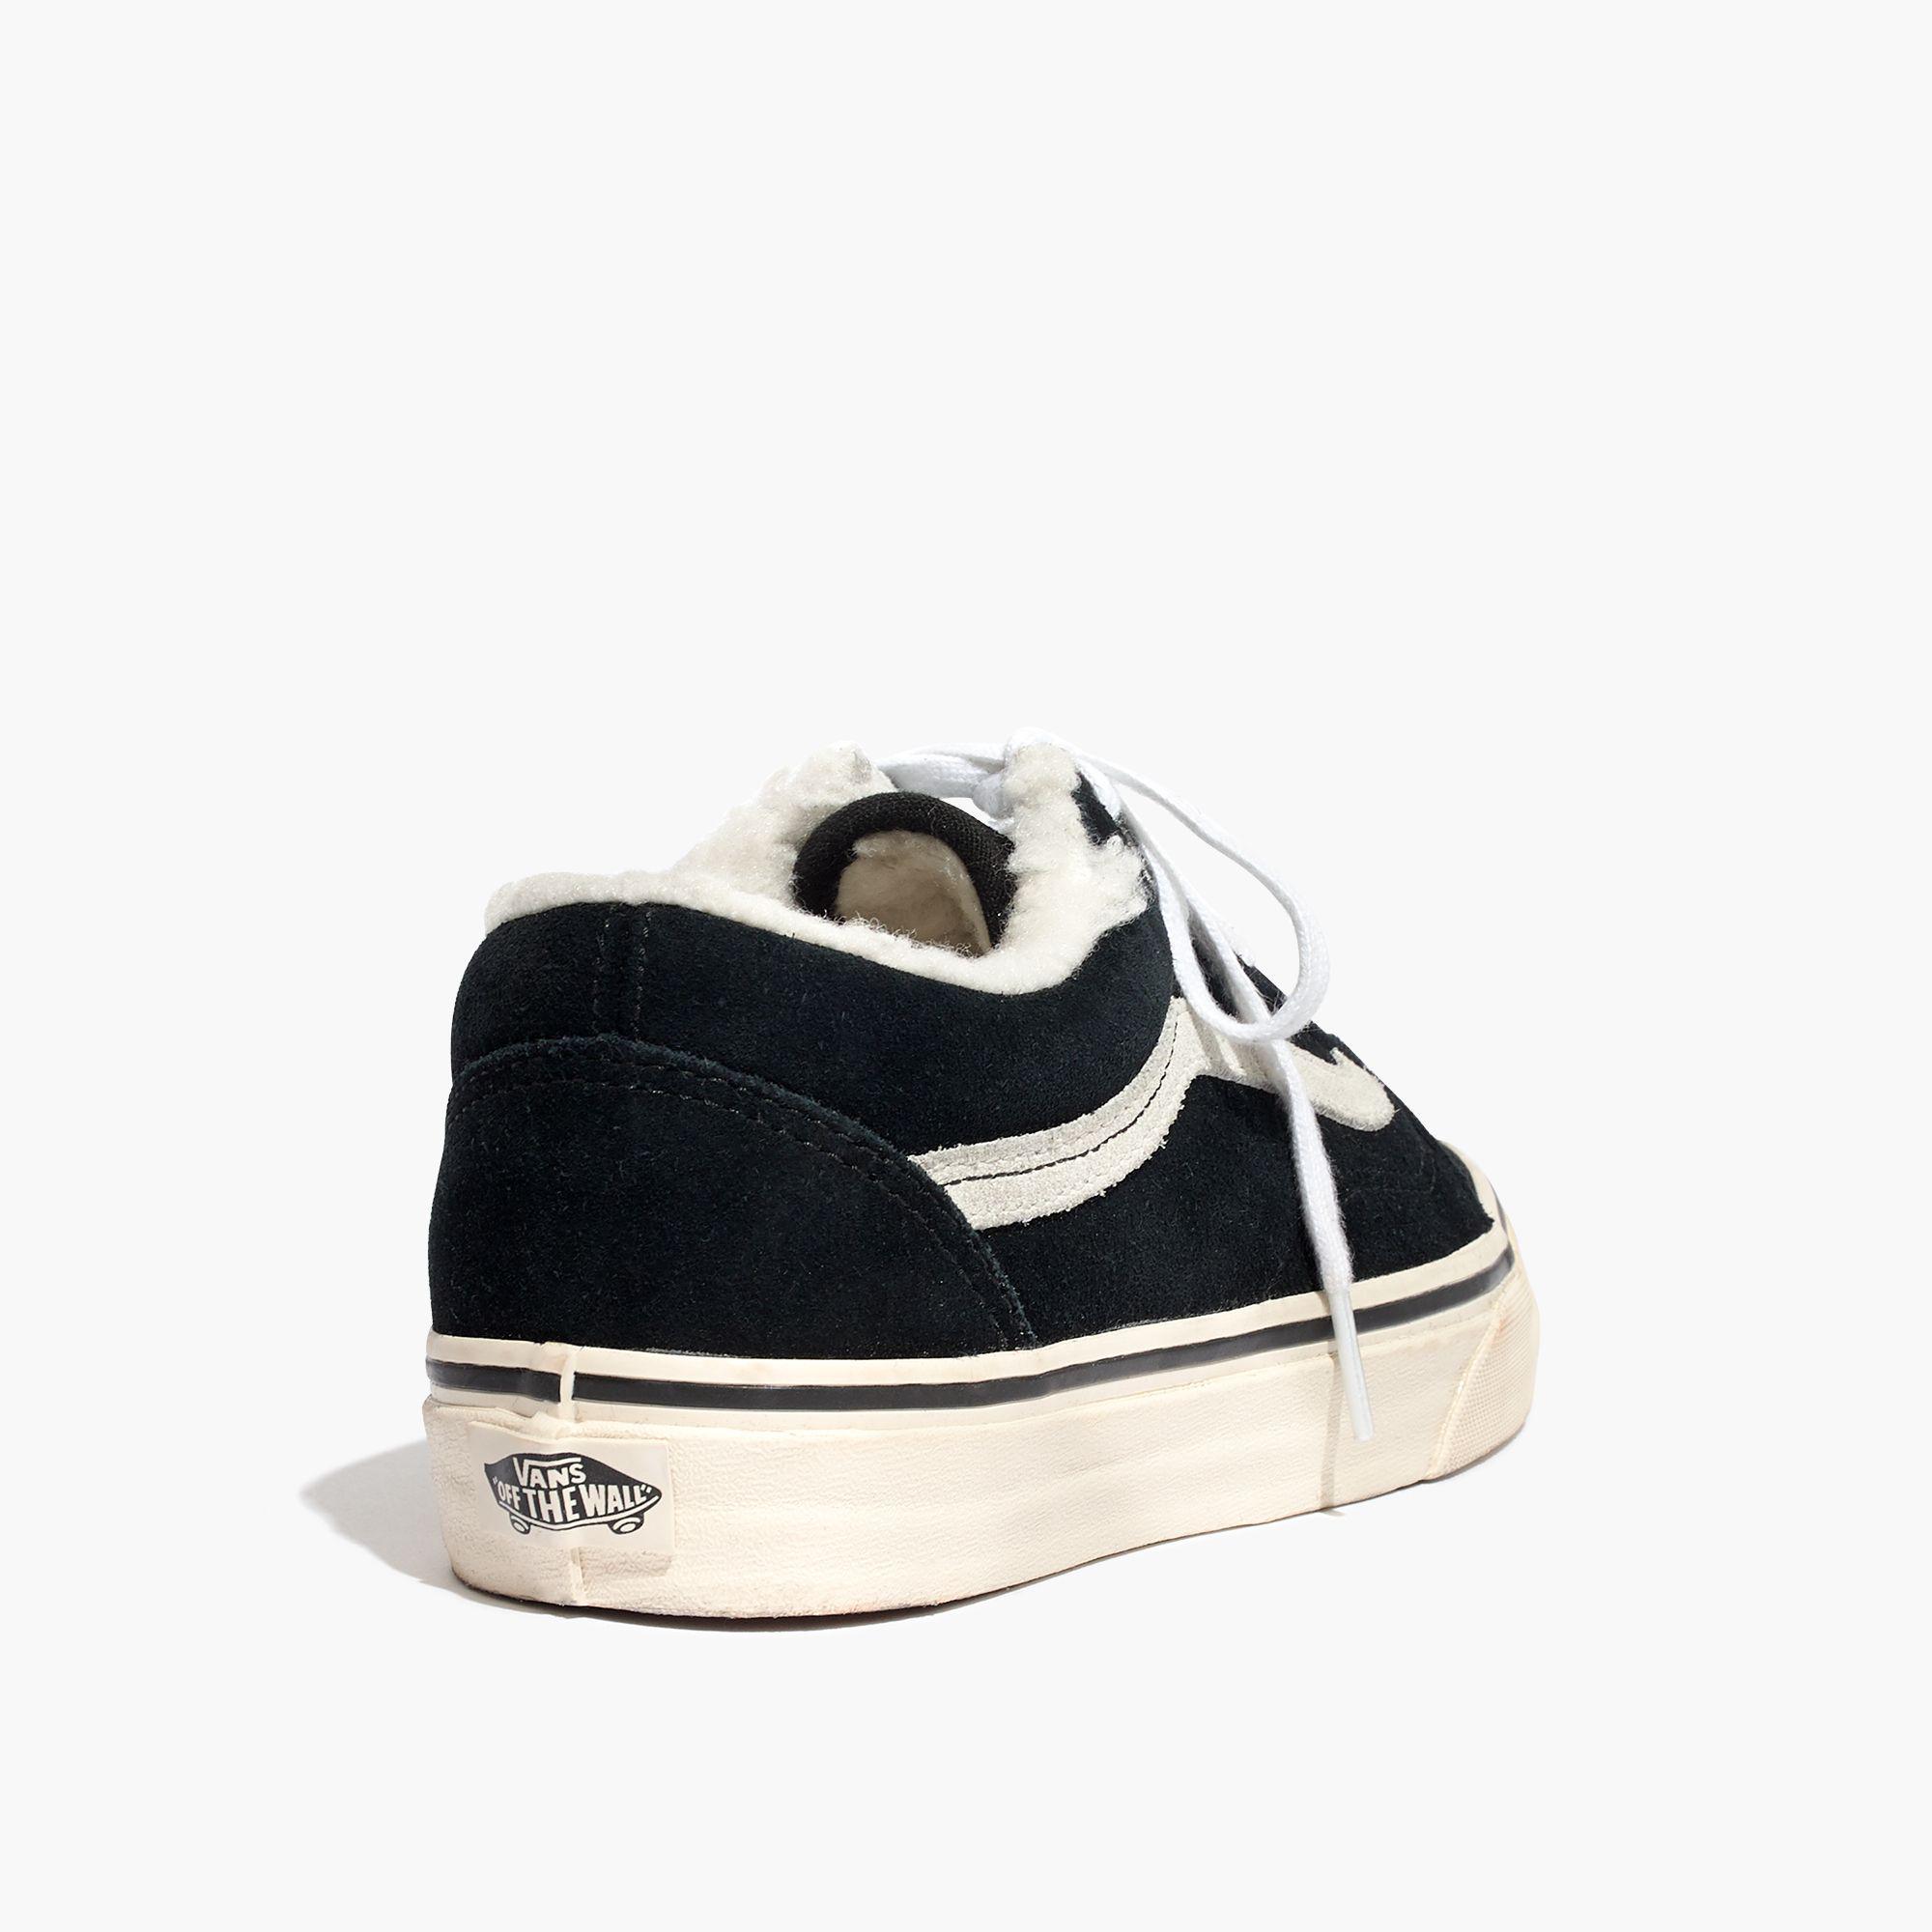 8043b3dd16b Lyst - Madewell X Vans® Unisex Old Skool Sneakers In Suede And ...